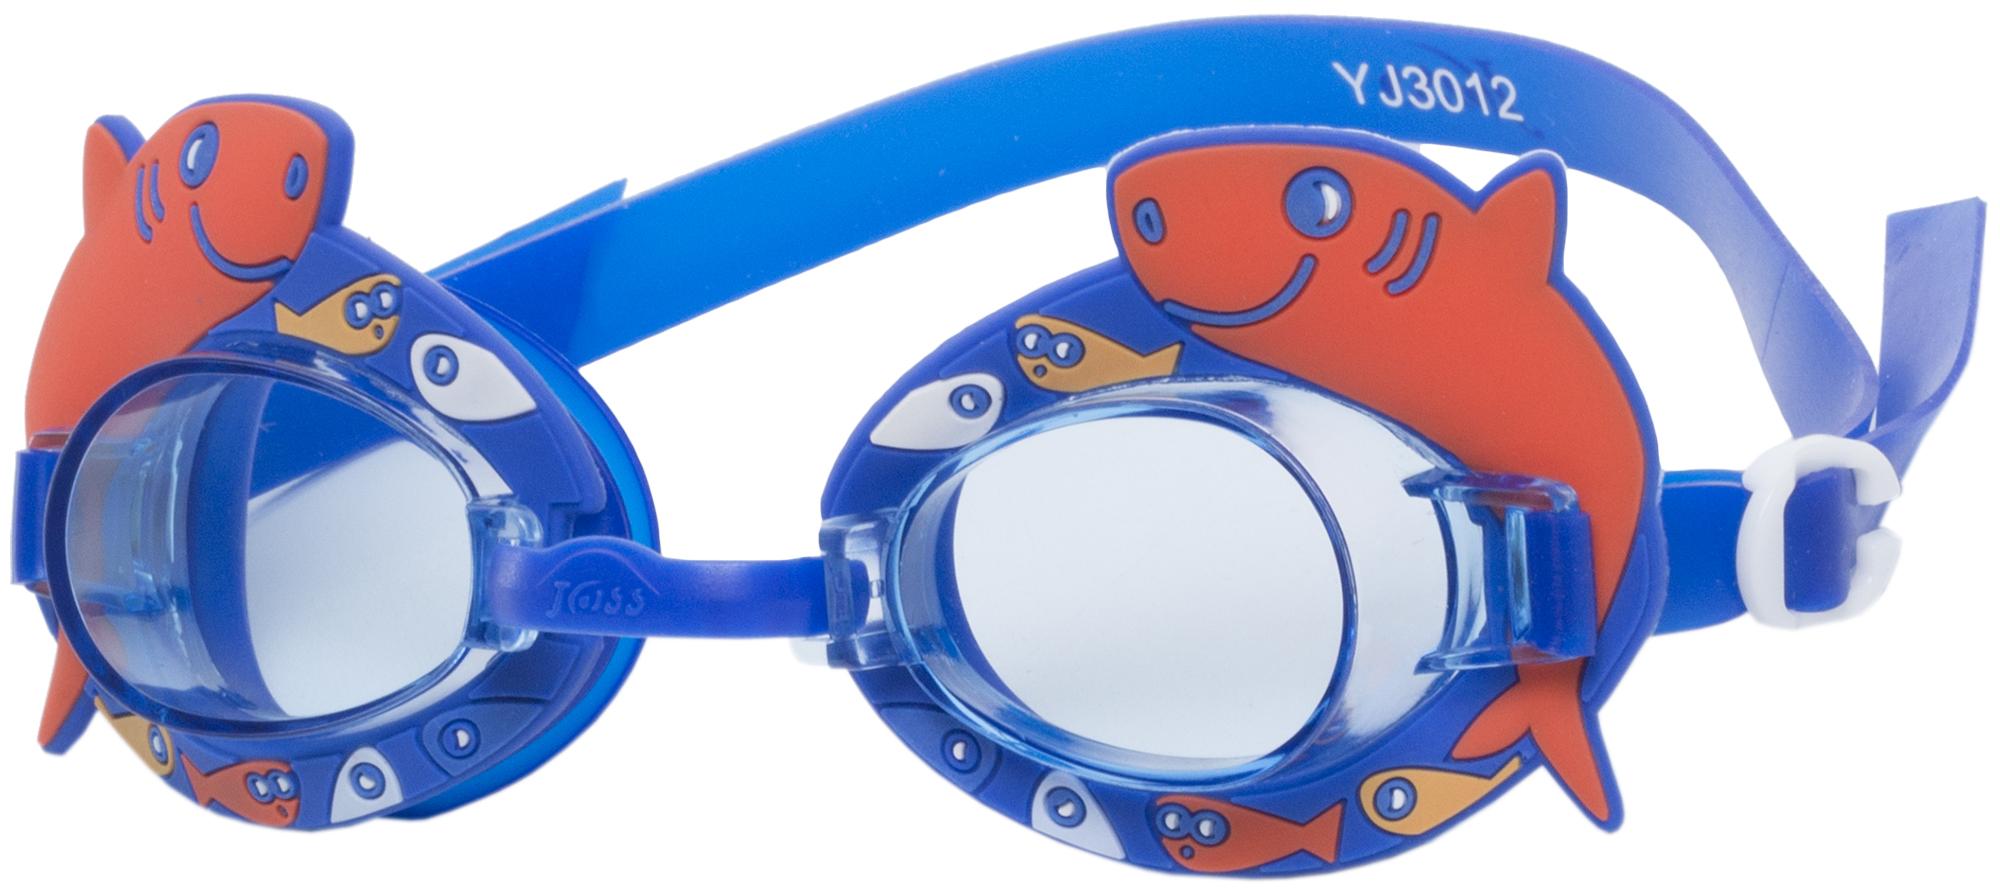 цена на Joss Очки для плавания детские Joss